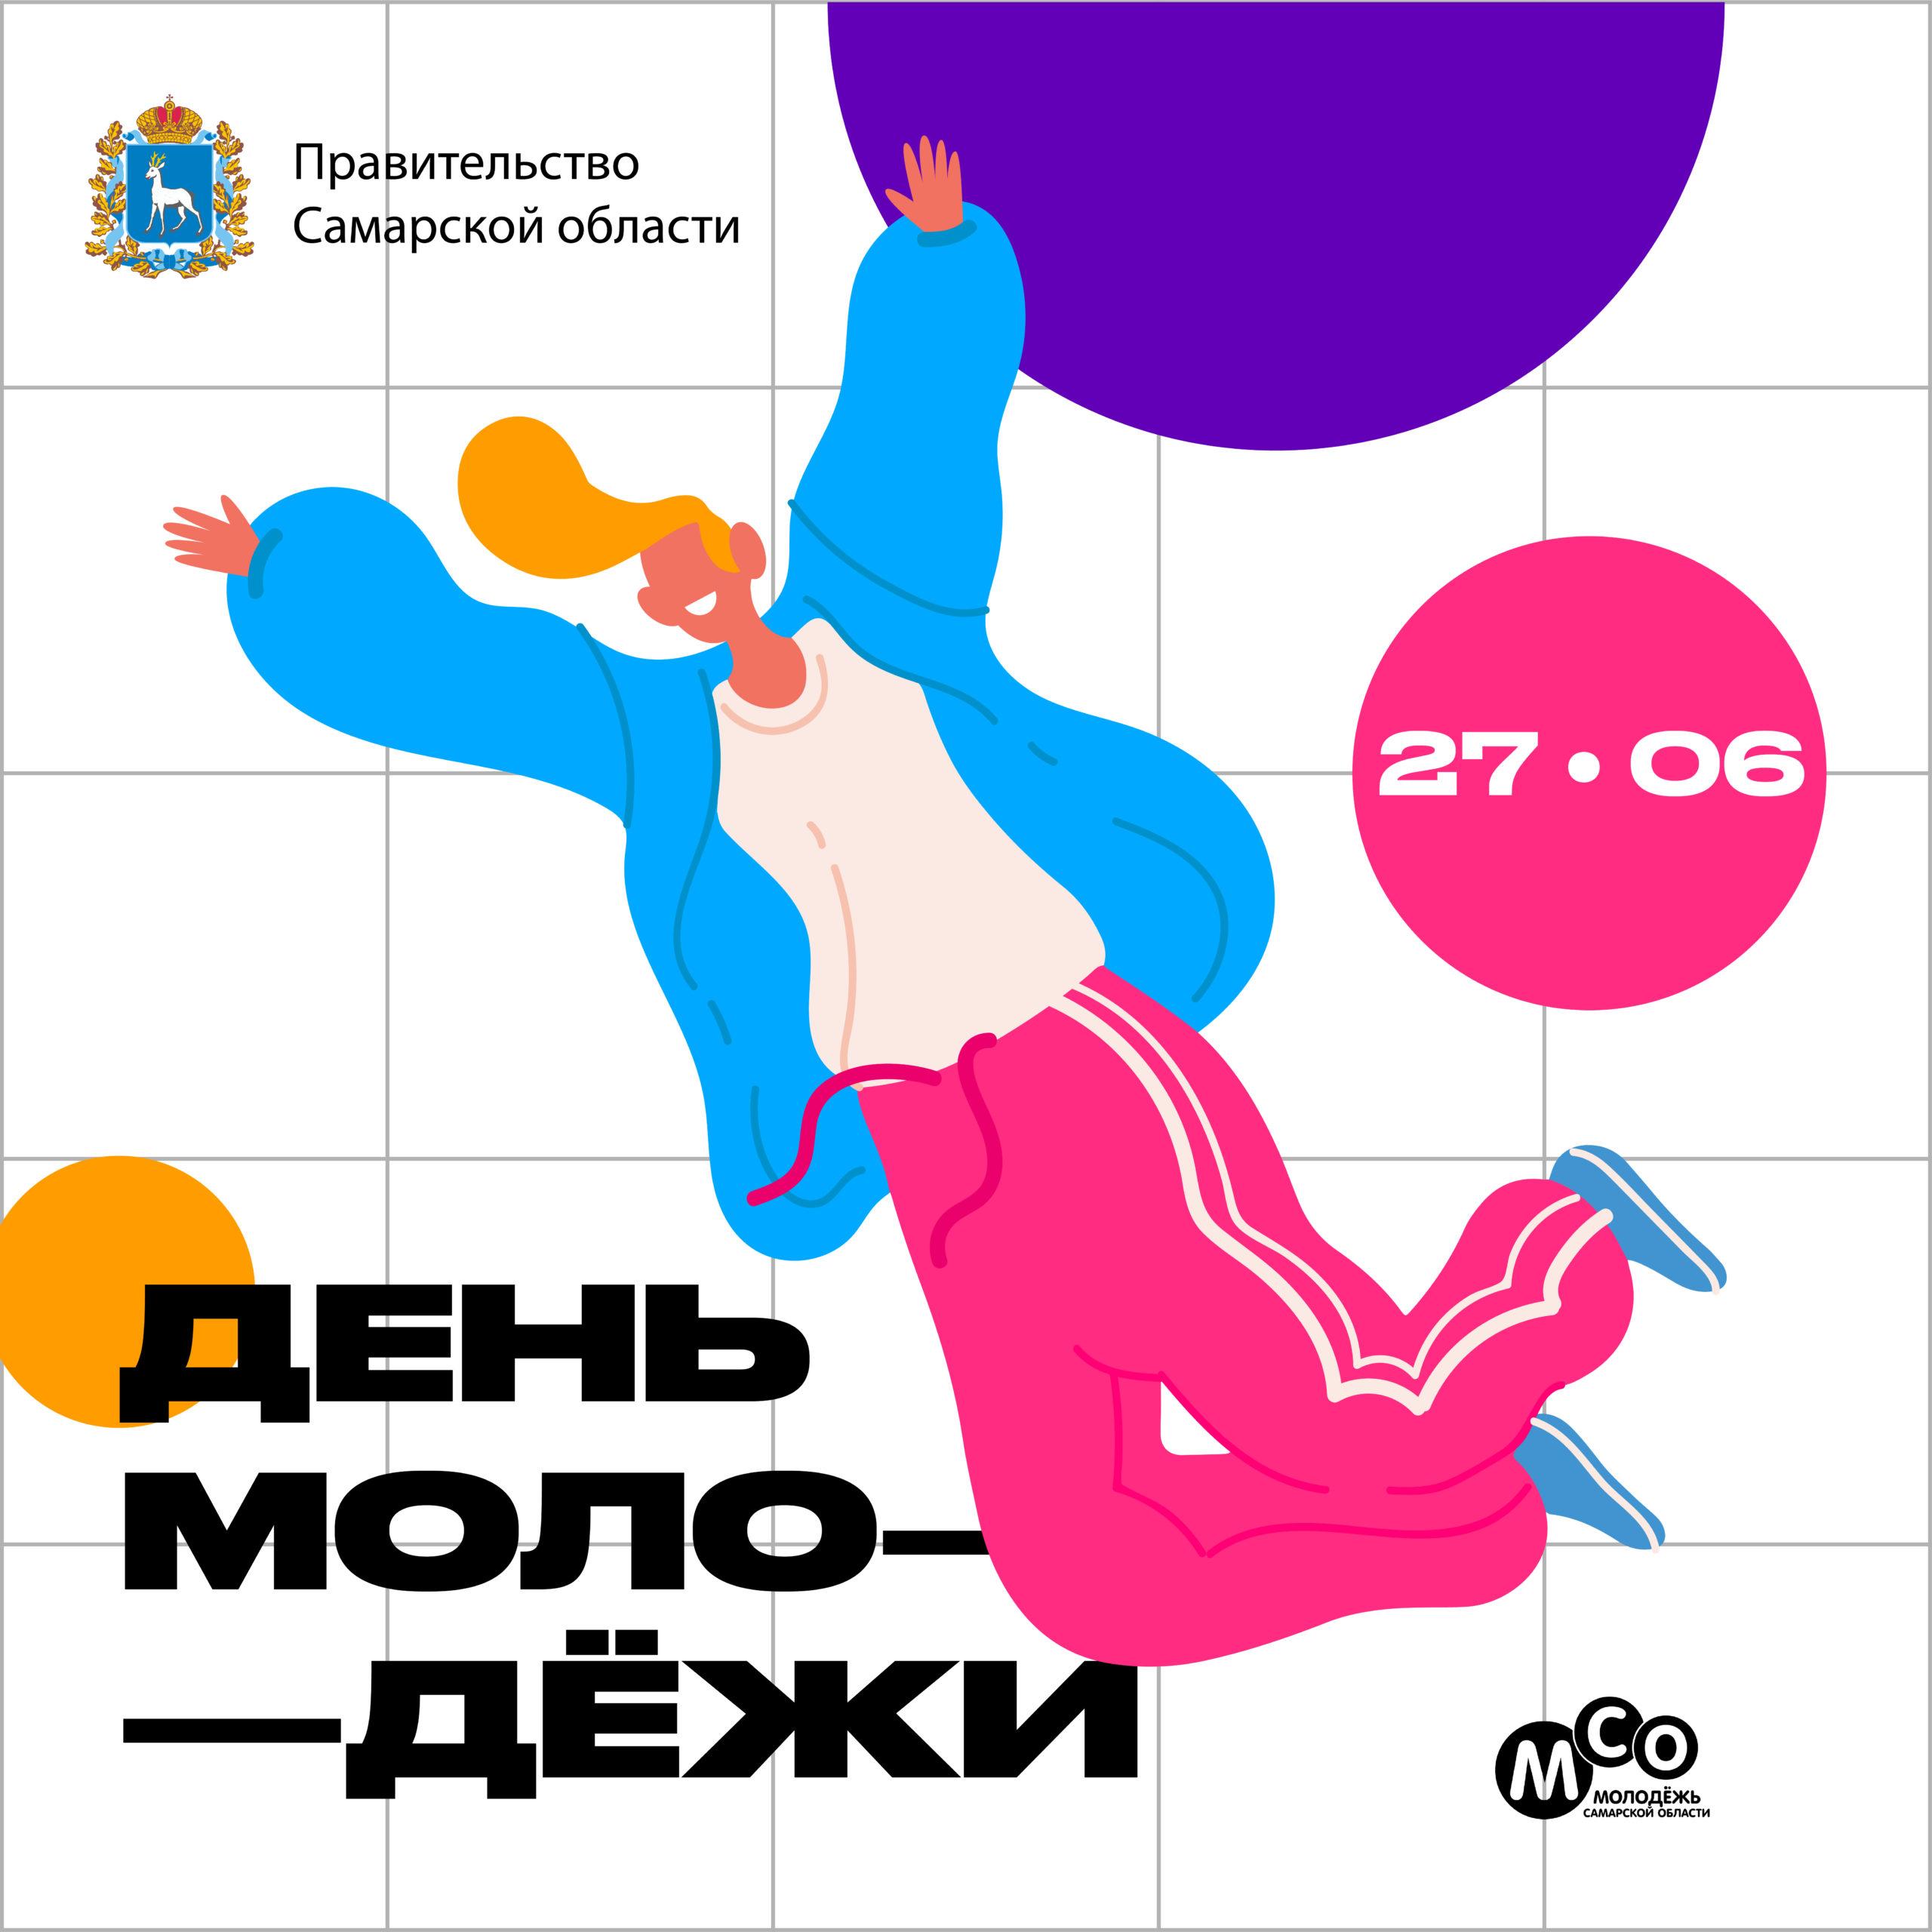 Самарская область отметит День молодежи в онлайне